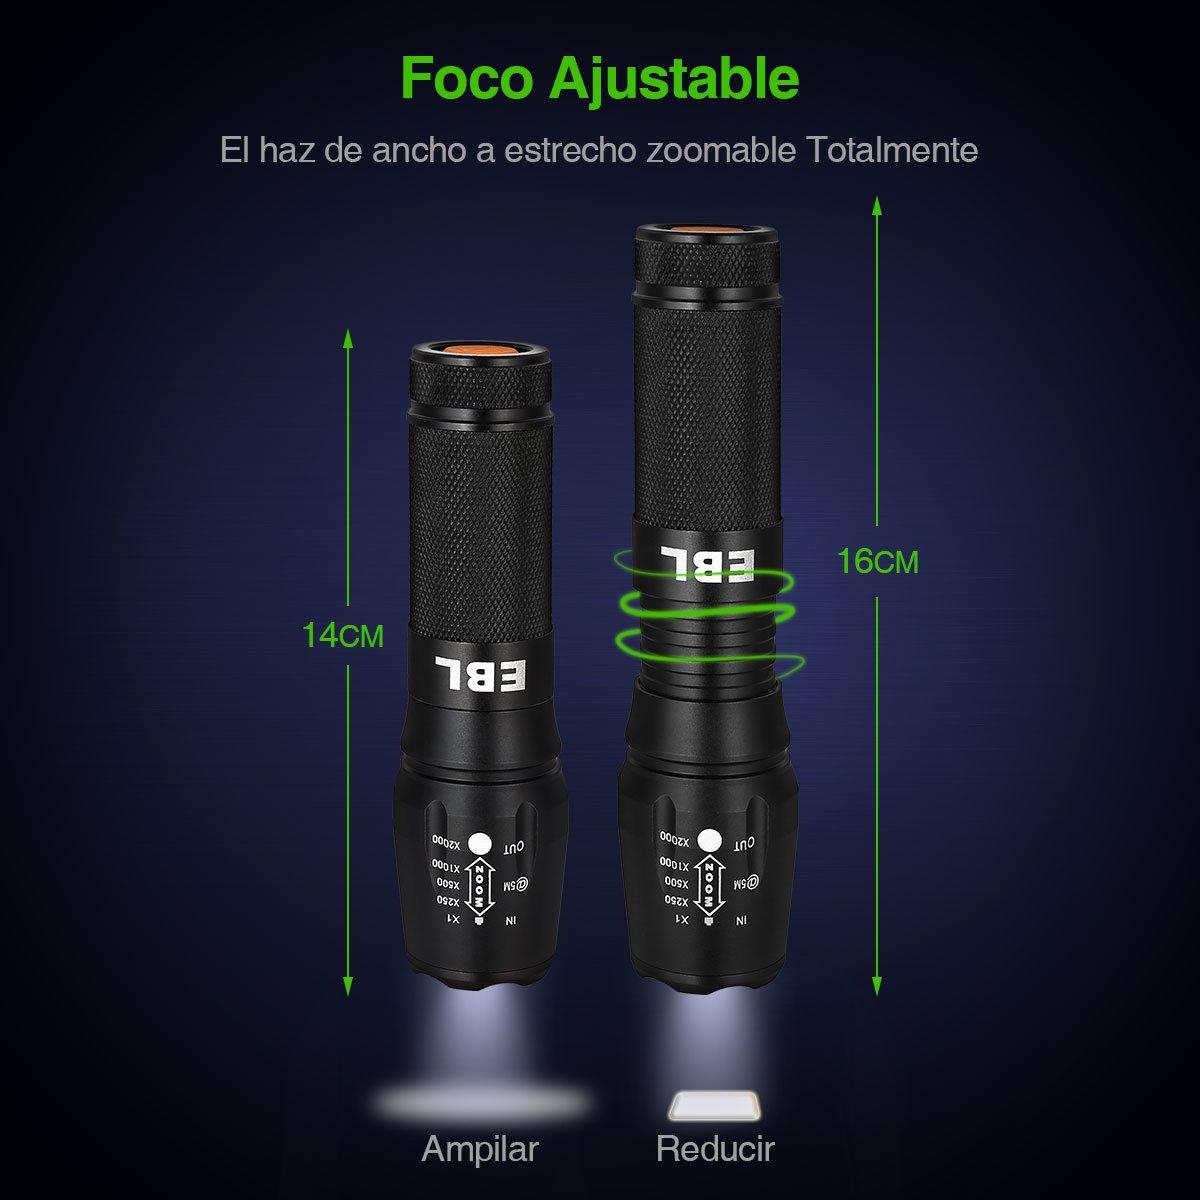 EBL 008 Linterna de LED Portátil Resistente al Agua, 1200 Lumen, con Foco Ajustable y 5 Modos de luz, Perfecta para Ciclismo,Camping, Montañismo-Negra